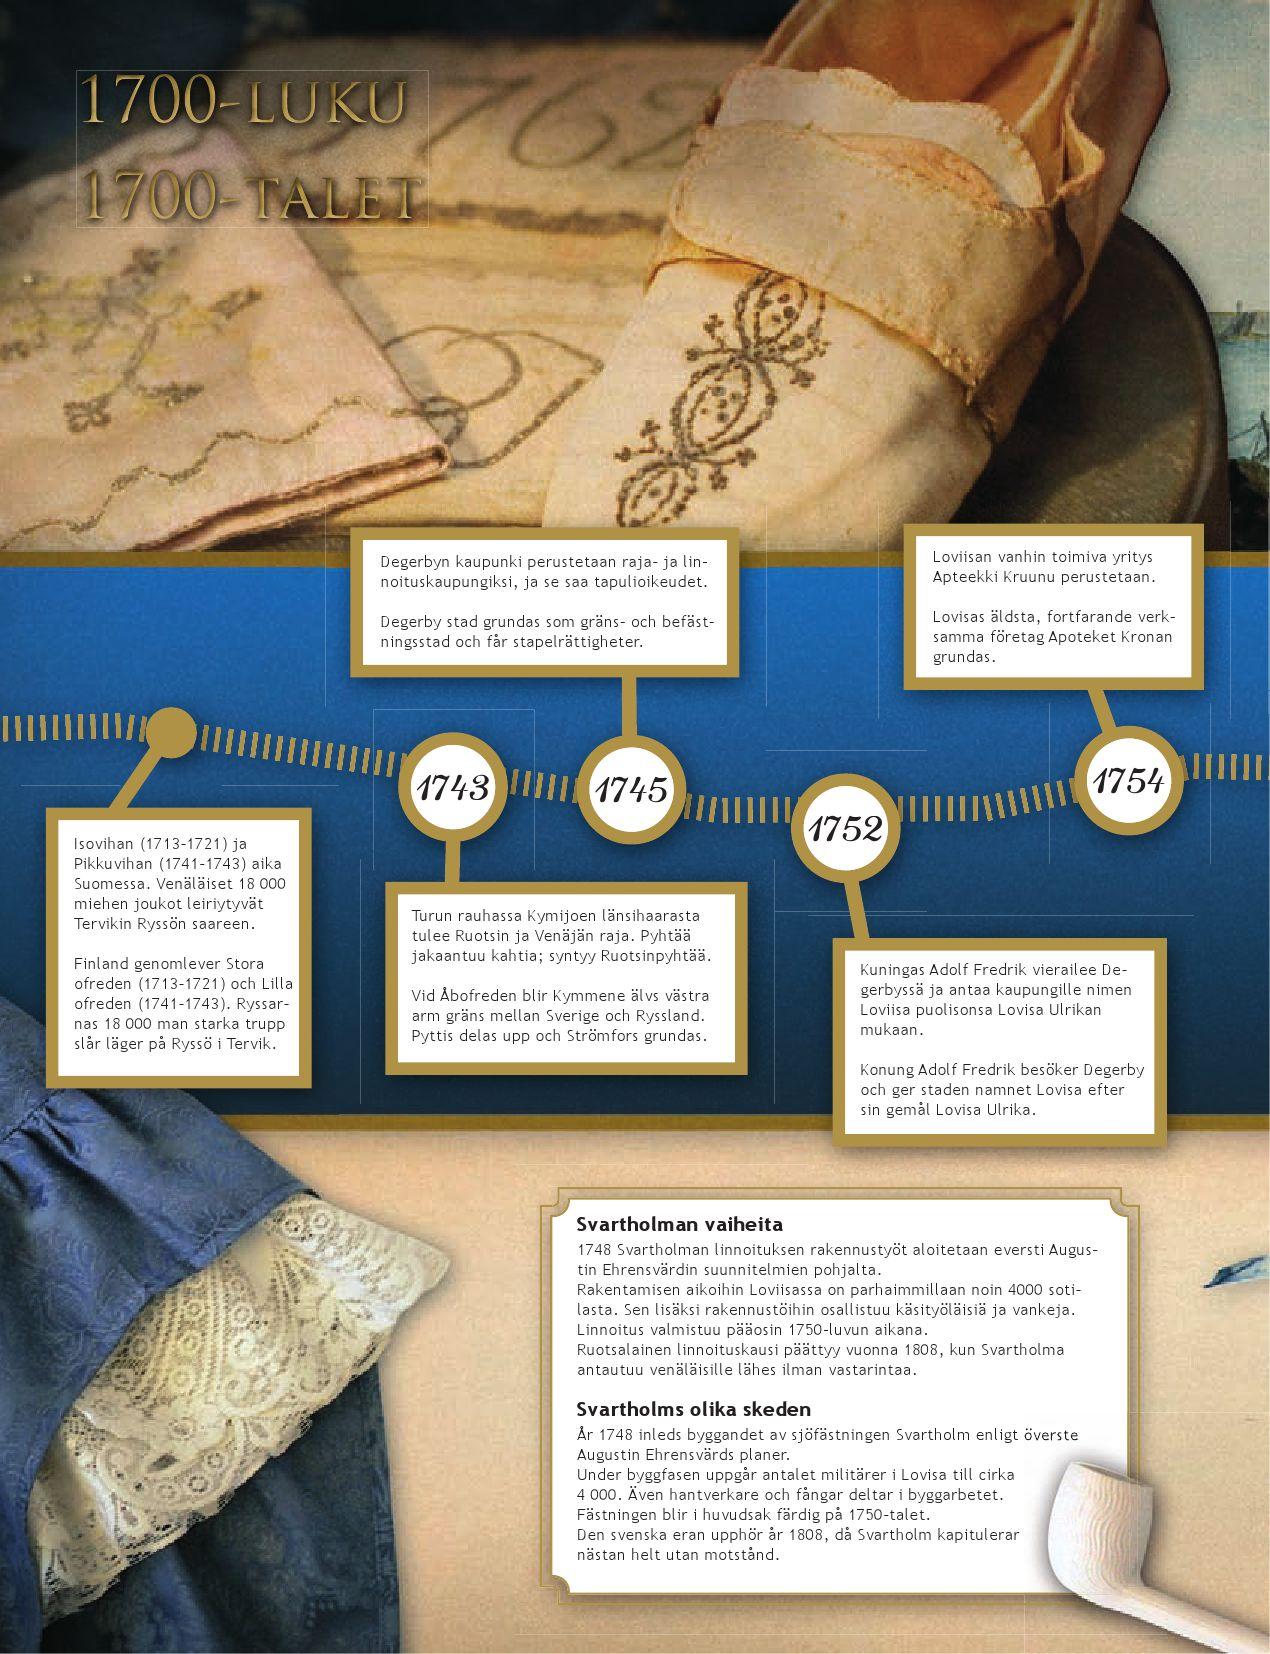 Historiallisia merkkipaaluja 1700-luvun loppupuolella